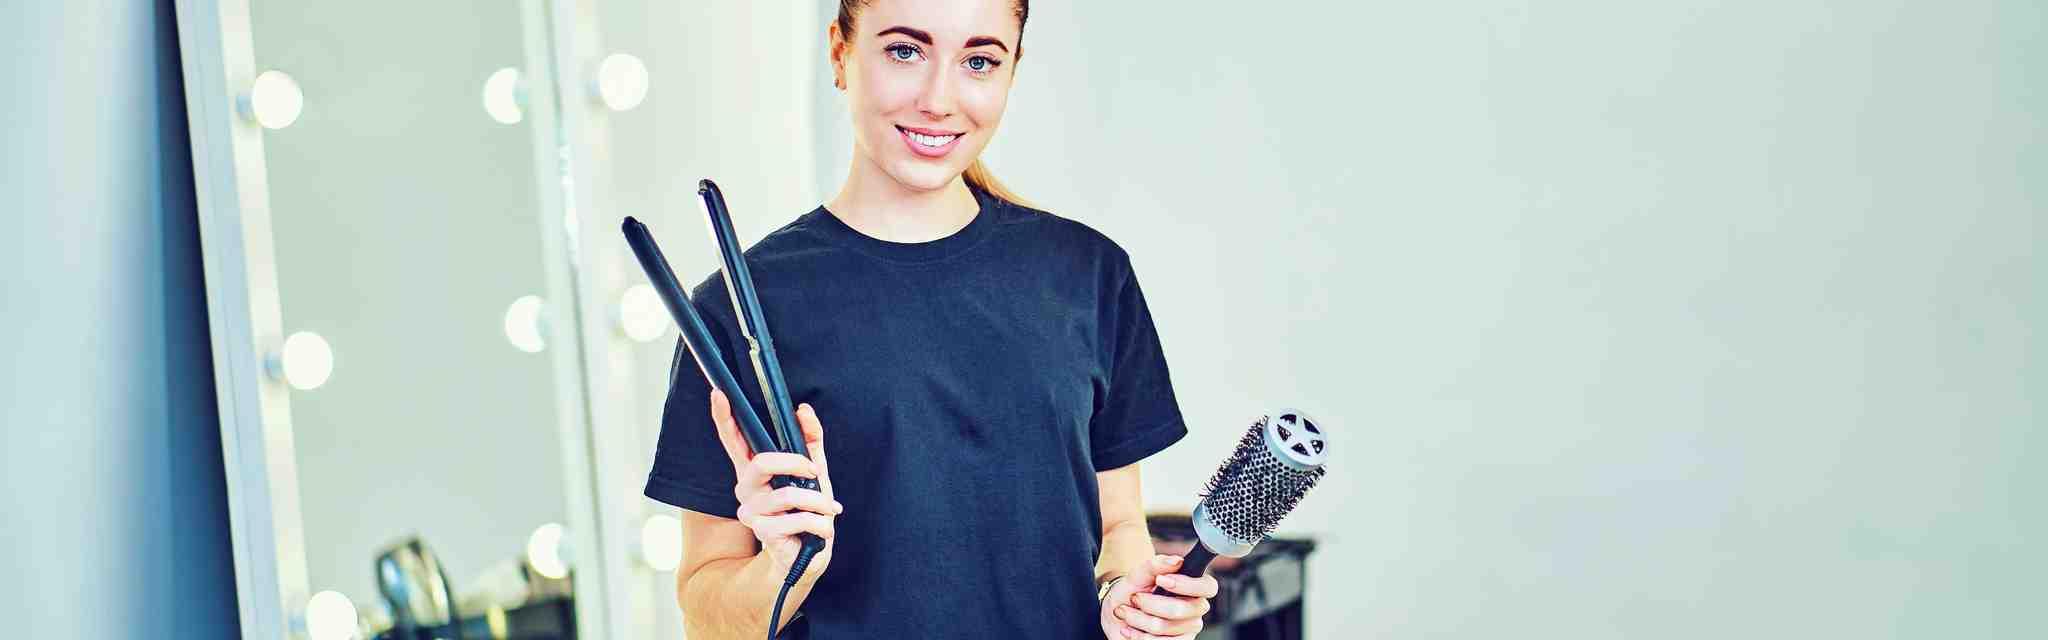 Tips Memulai Bisnis Salon Kecantikan Rumahan Agar Sukses, Xperience Team